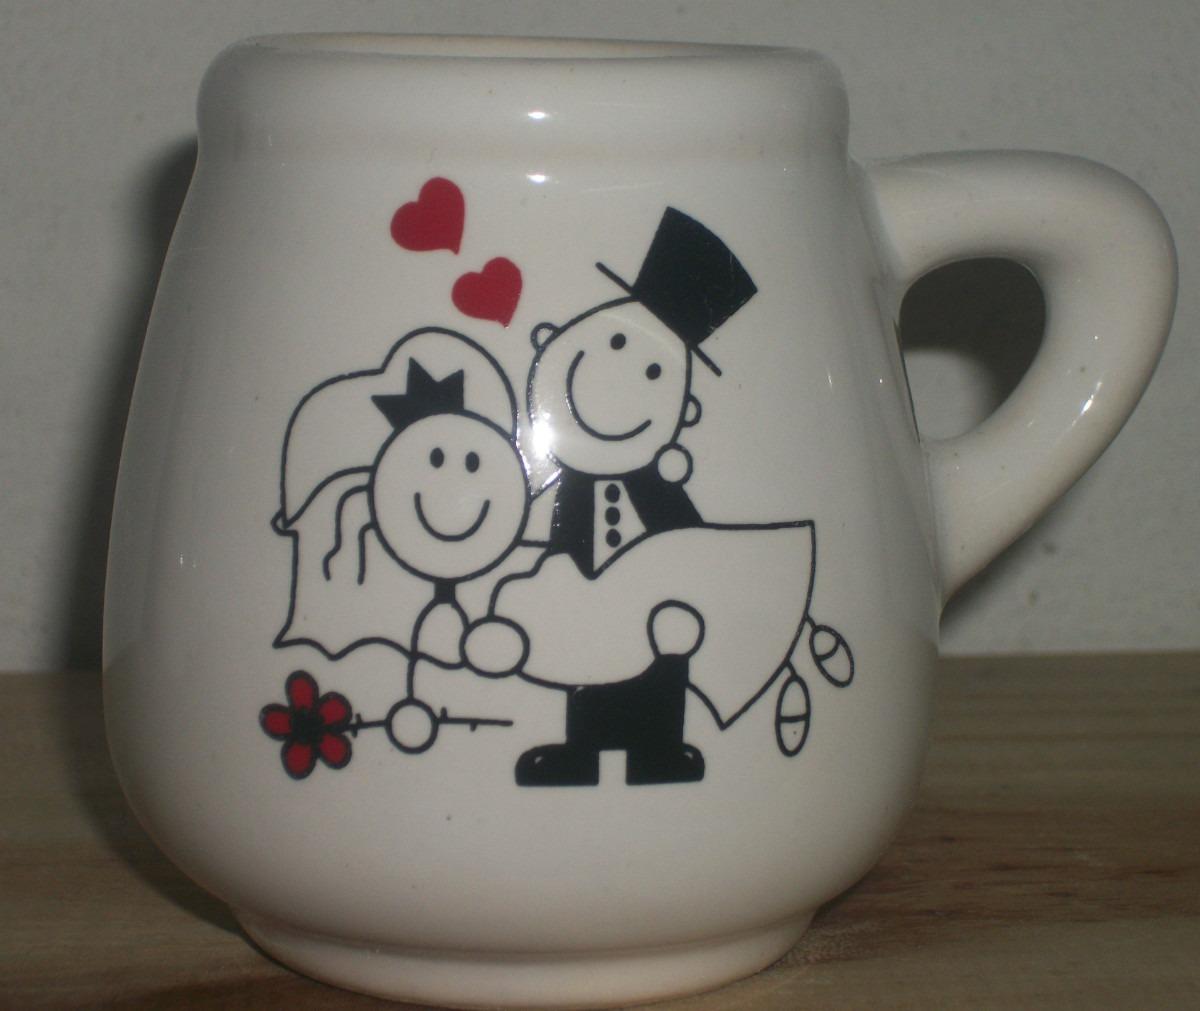 ¡CONCURSO CHORRA! - Página 29 Souvenirs-para-casamiento-mates-tazas-entre-otros-4163-MLA2587503977_042012-F